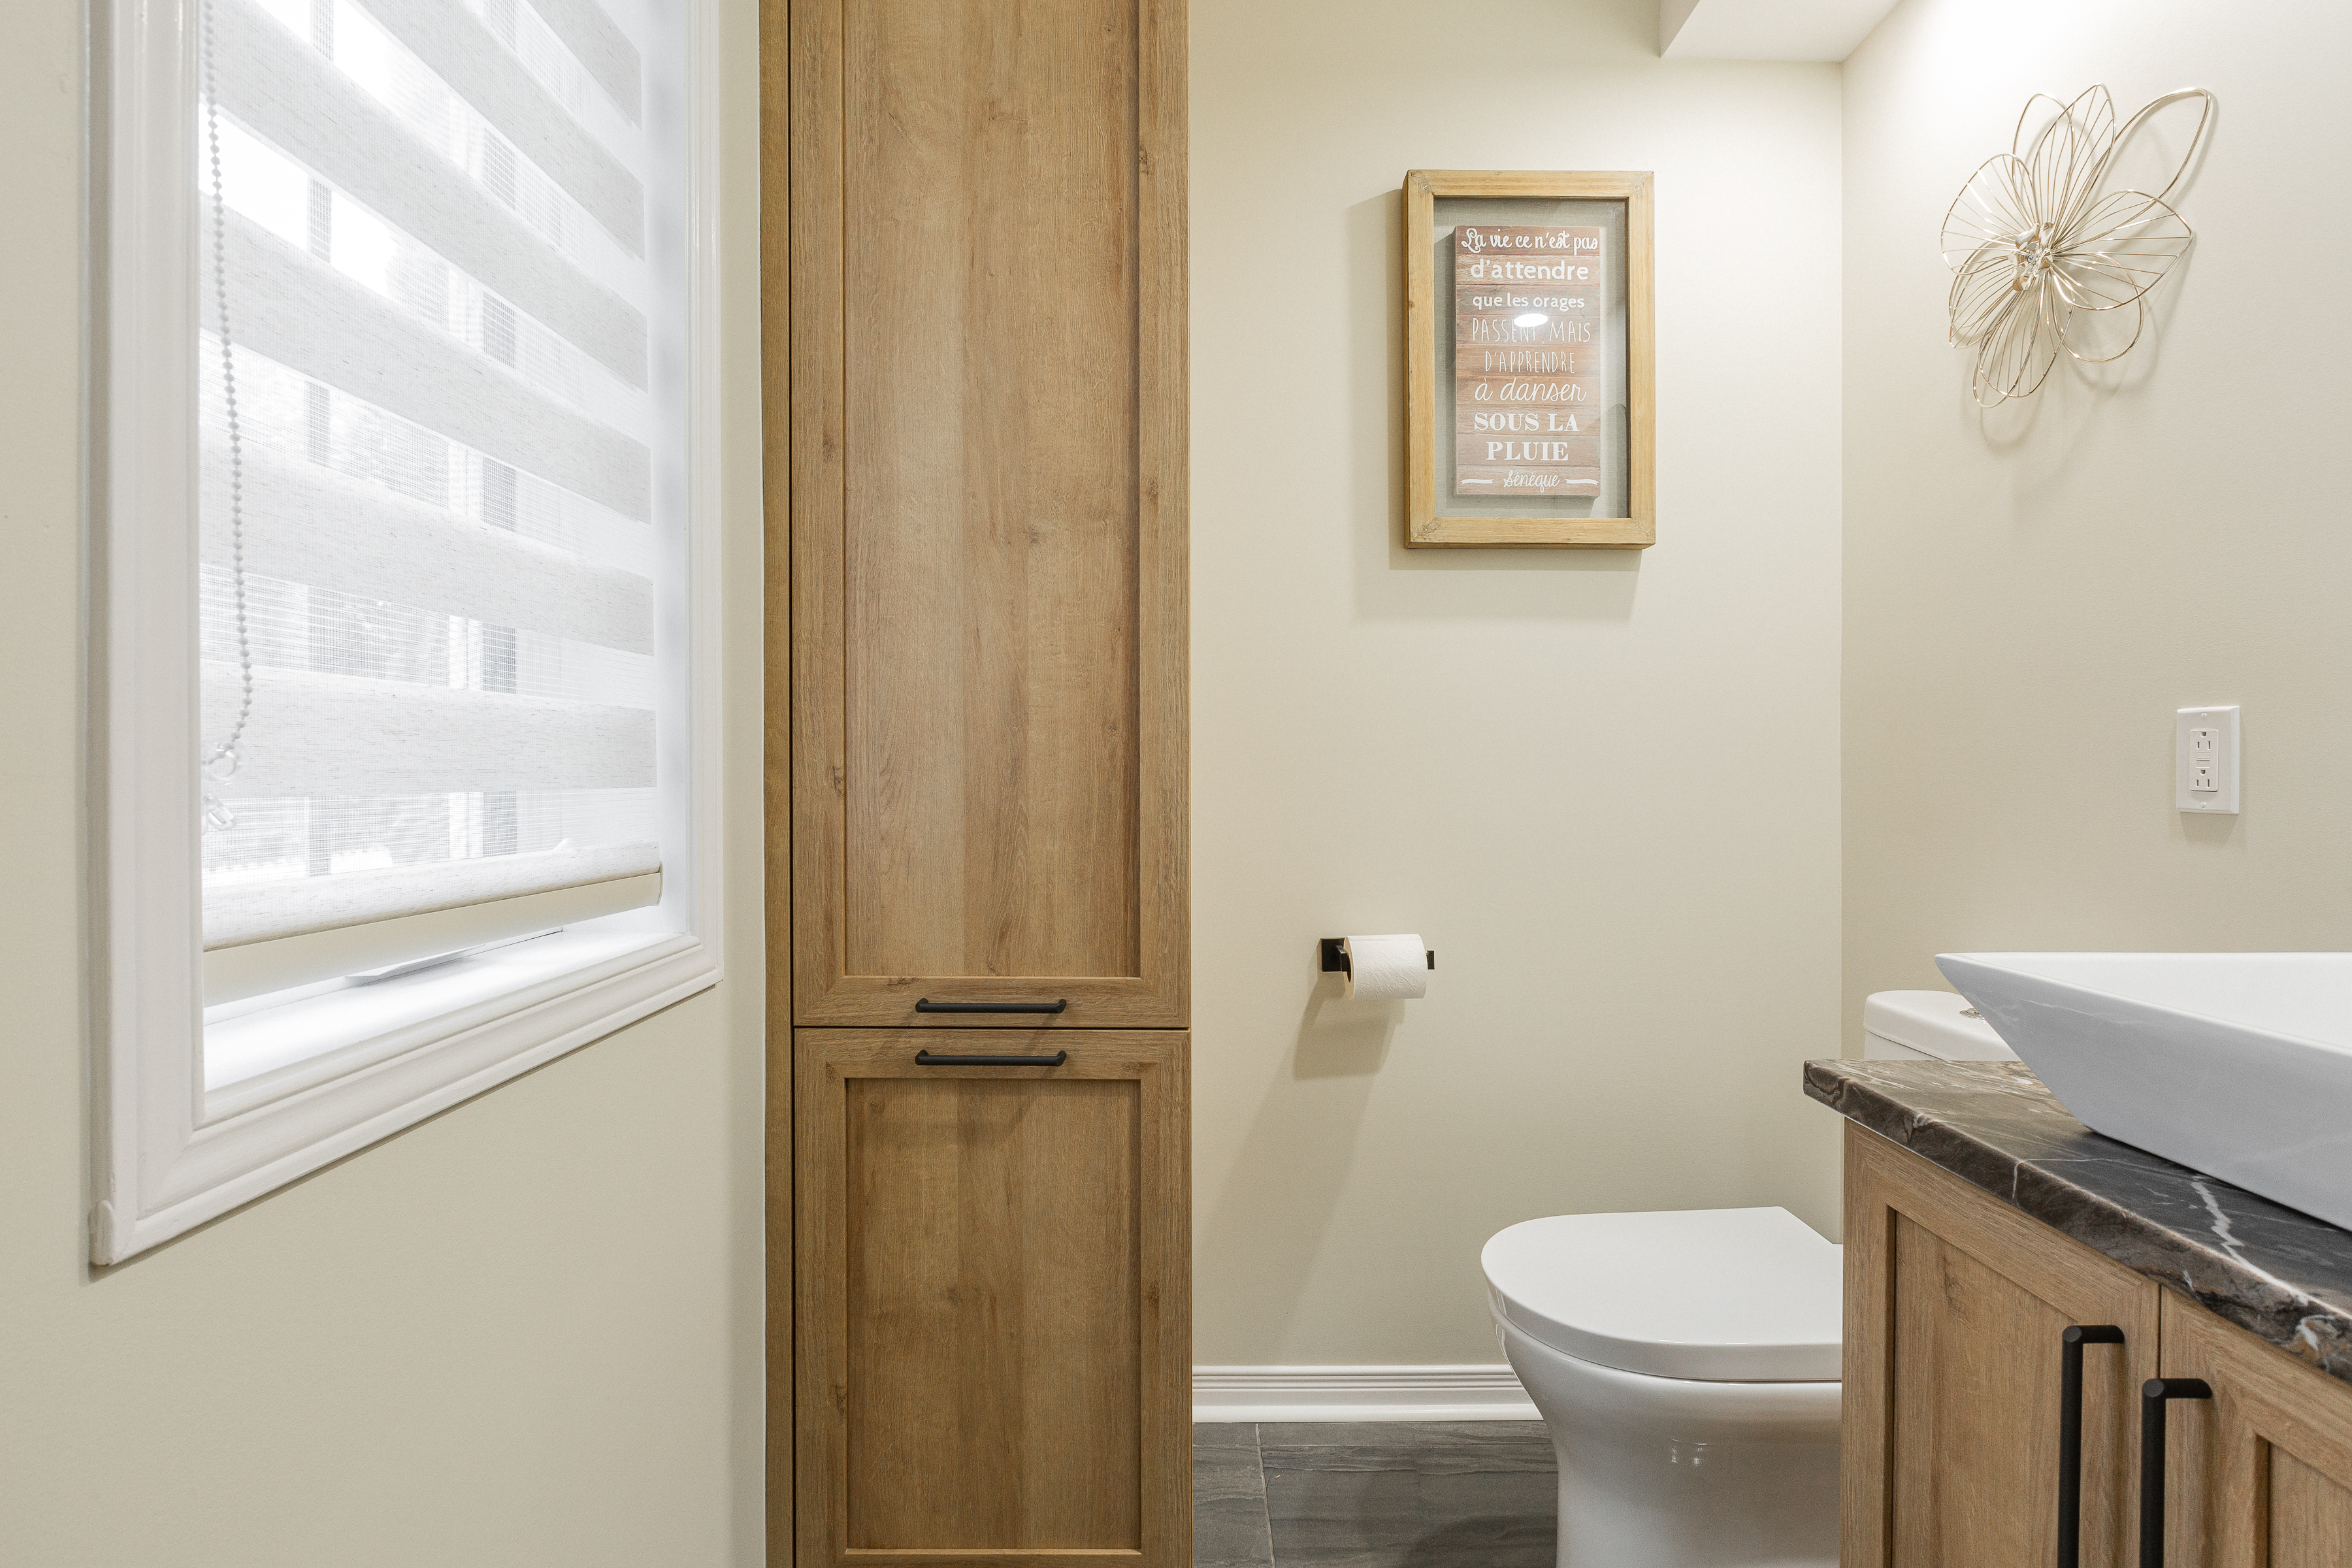 salle d'eau nouvellement rénovée aux couleurs douces renforcé par l'utilisation du bois clair naturel